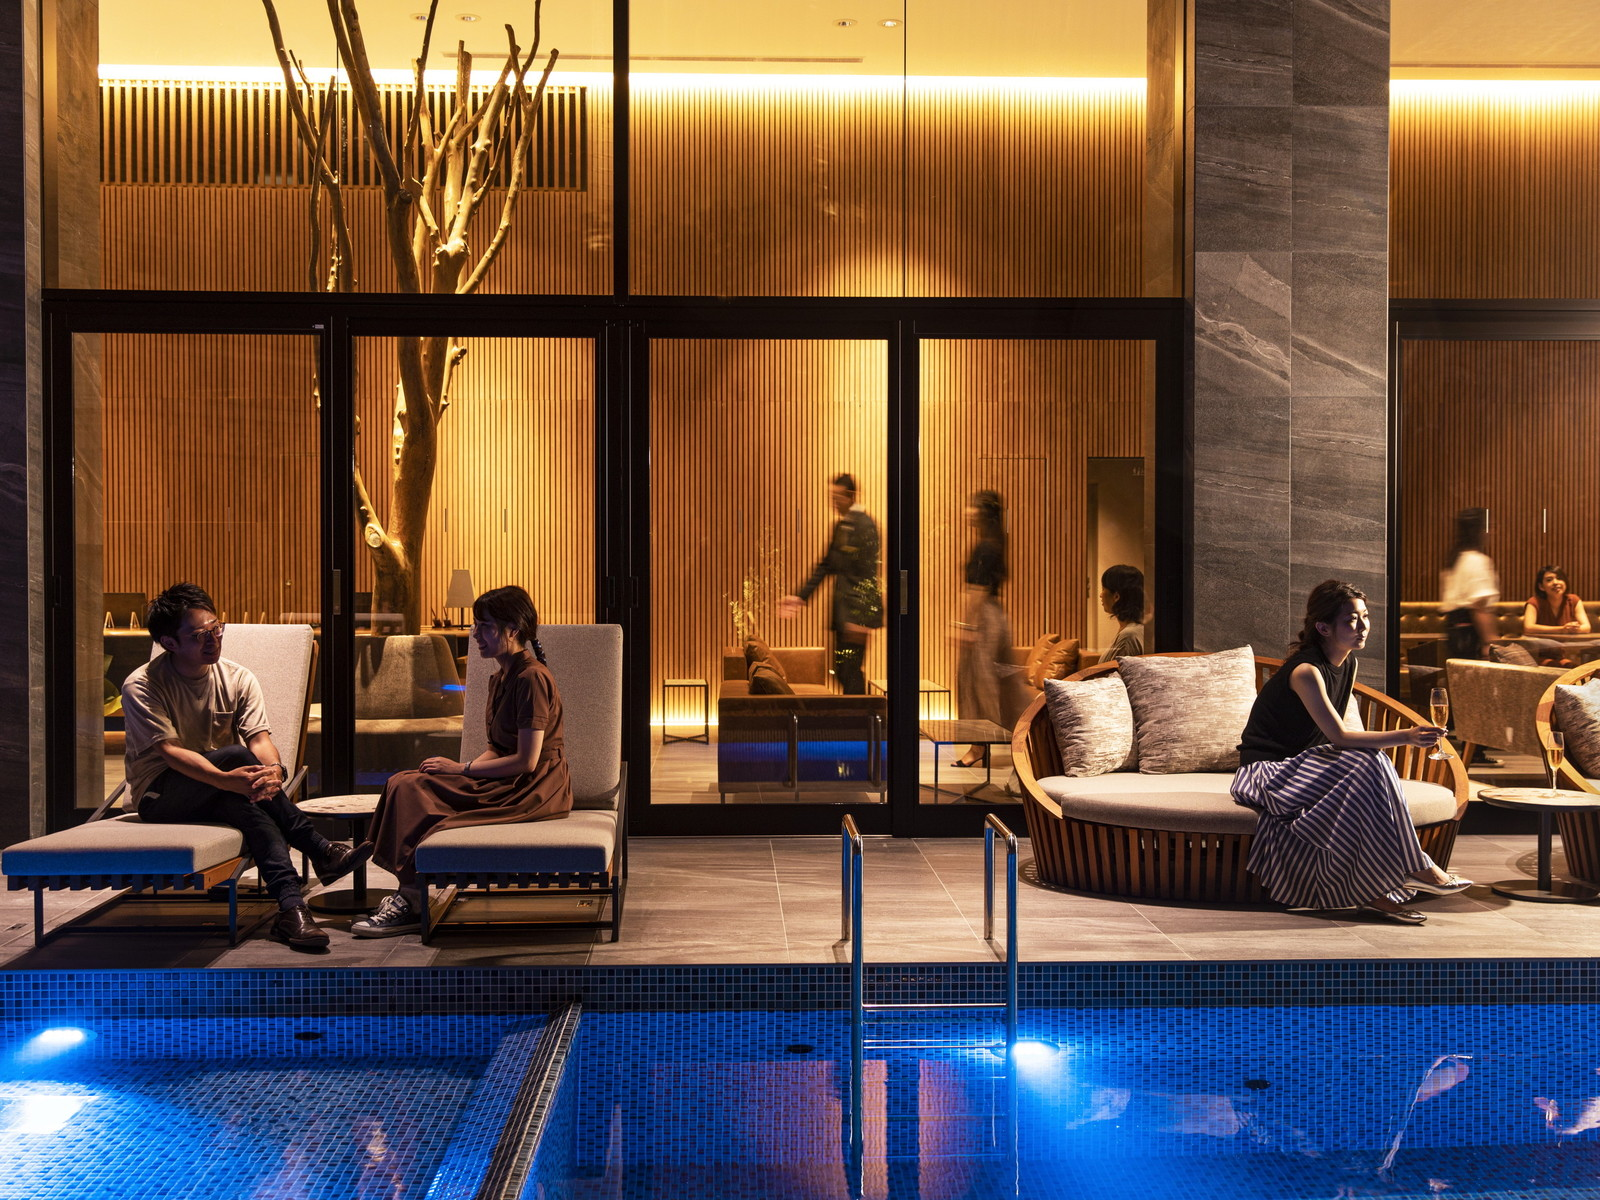 ガーデンテラス福岡ホテル&リゾート お部屋で夜景とお食事を楽しむ「インルームダイニング」×「オマール海老洋食コース」プラン(2食付)